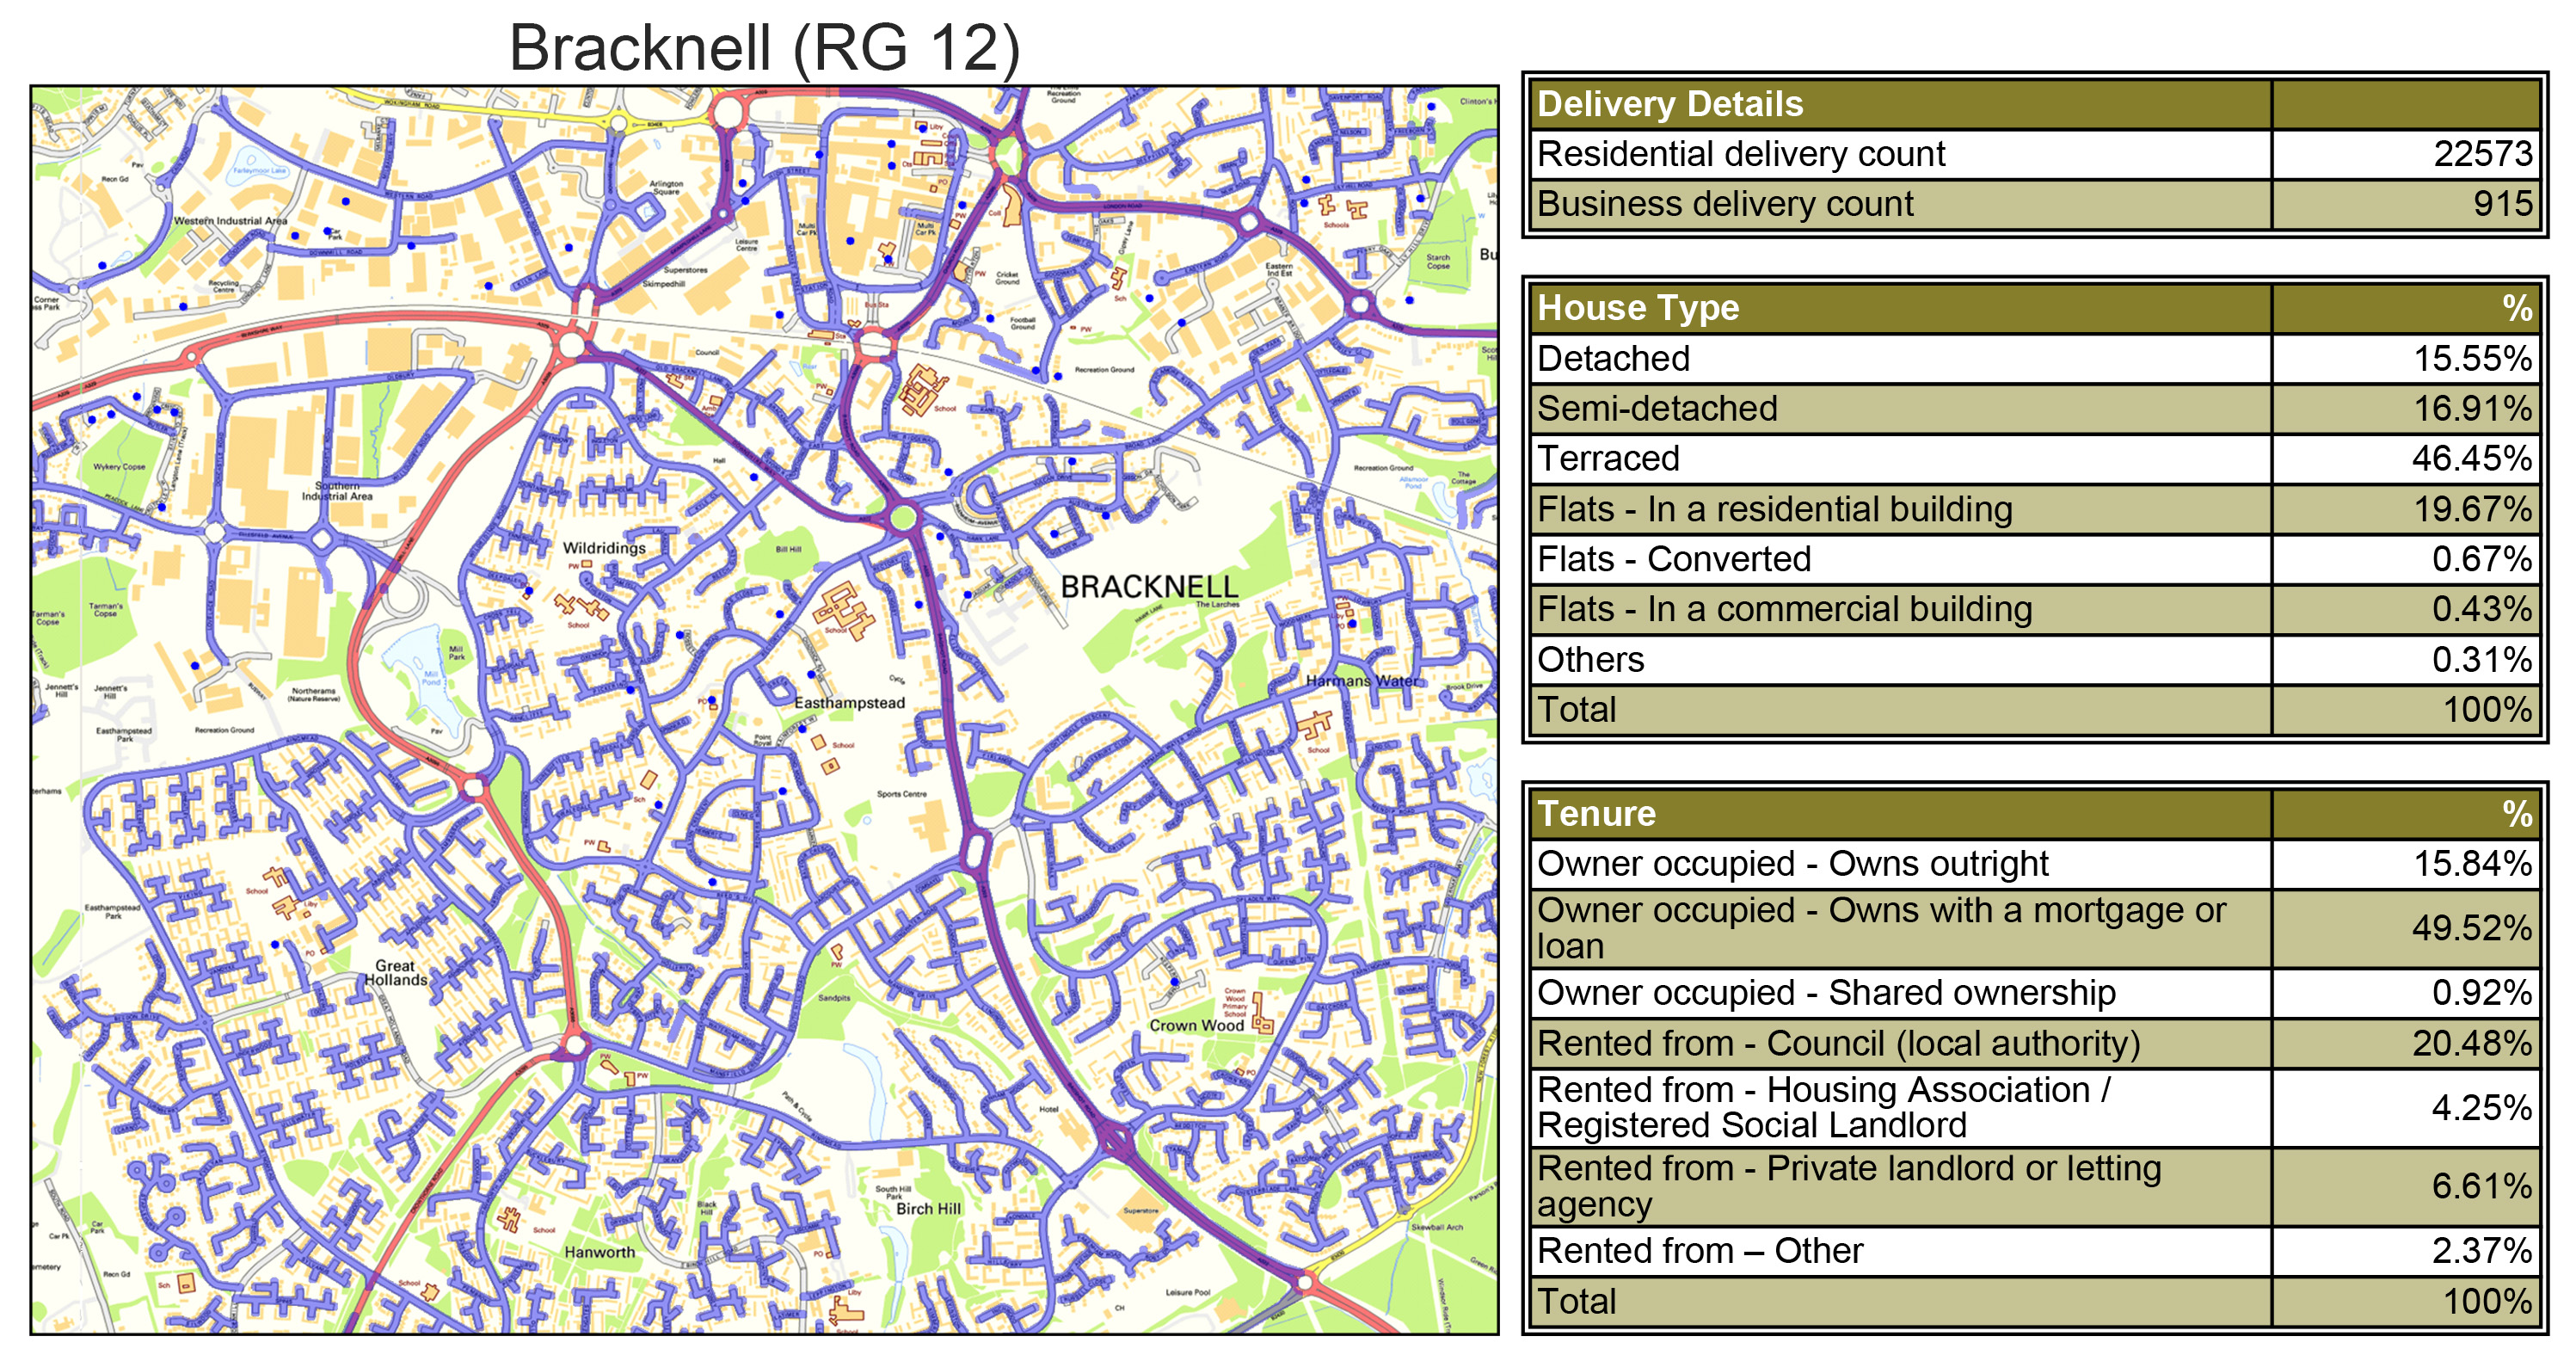 Leaflet Distribution Bracknell - Geoplan Image